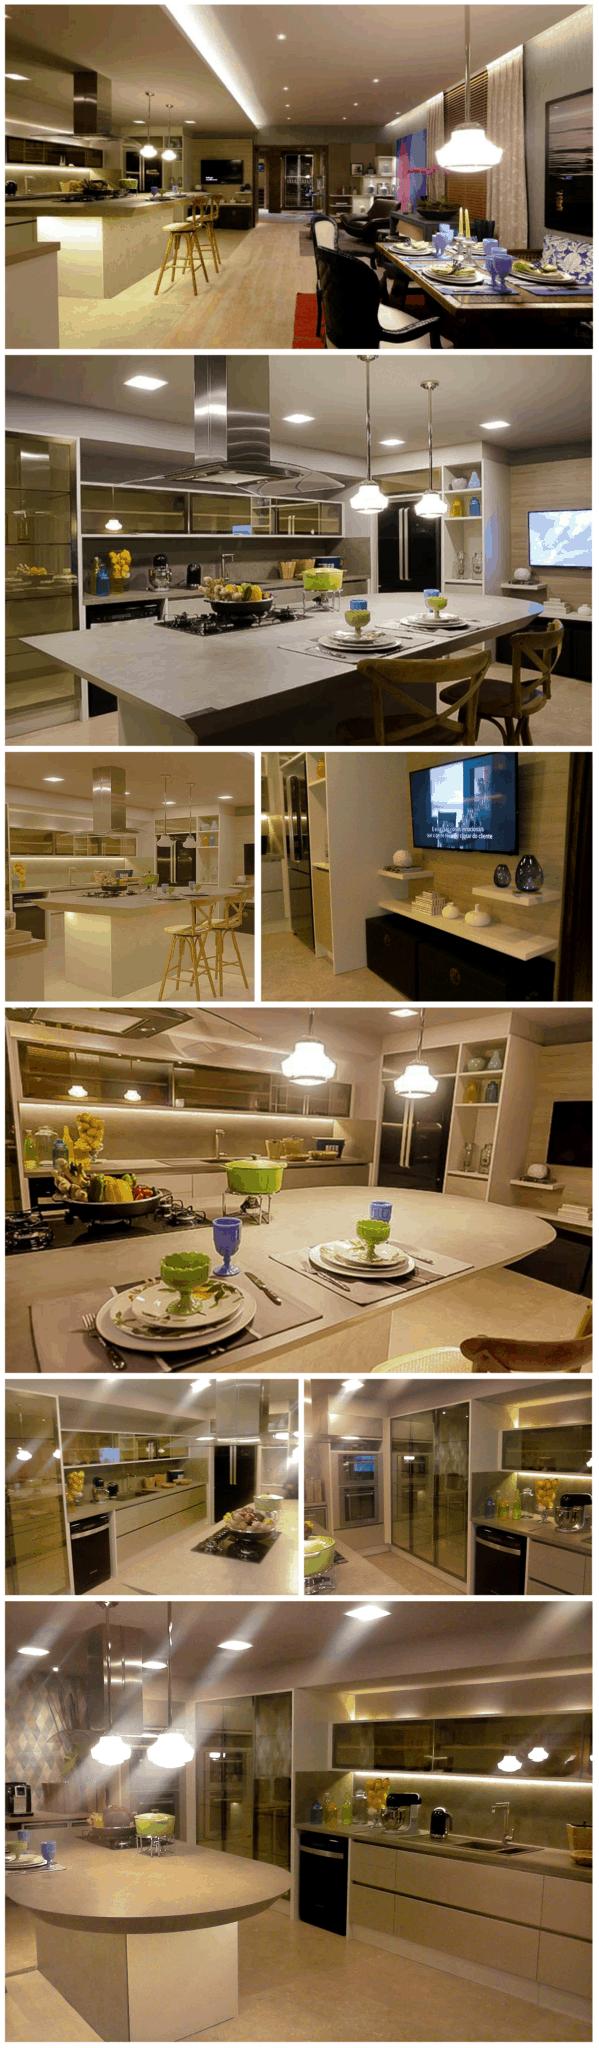 graciela-pinero-cozinha-dos-meus-sonhos-casa-cor-decorar-com-charme